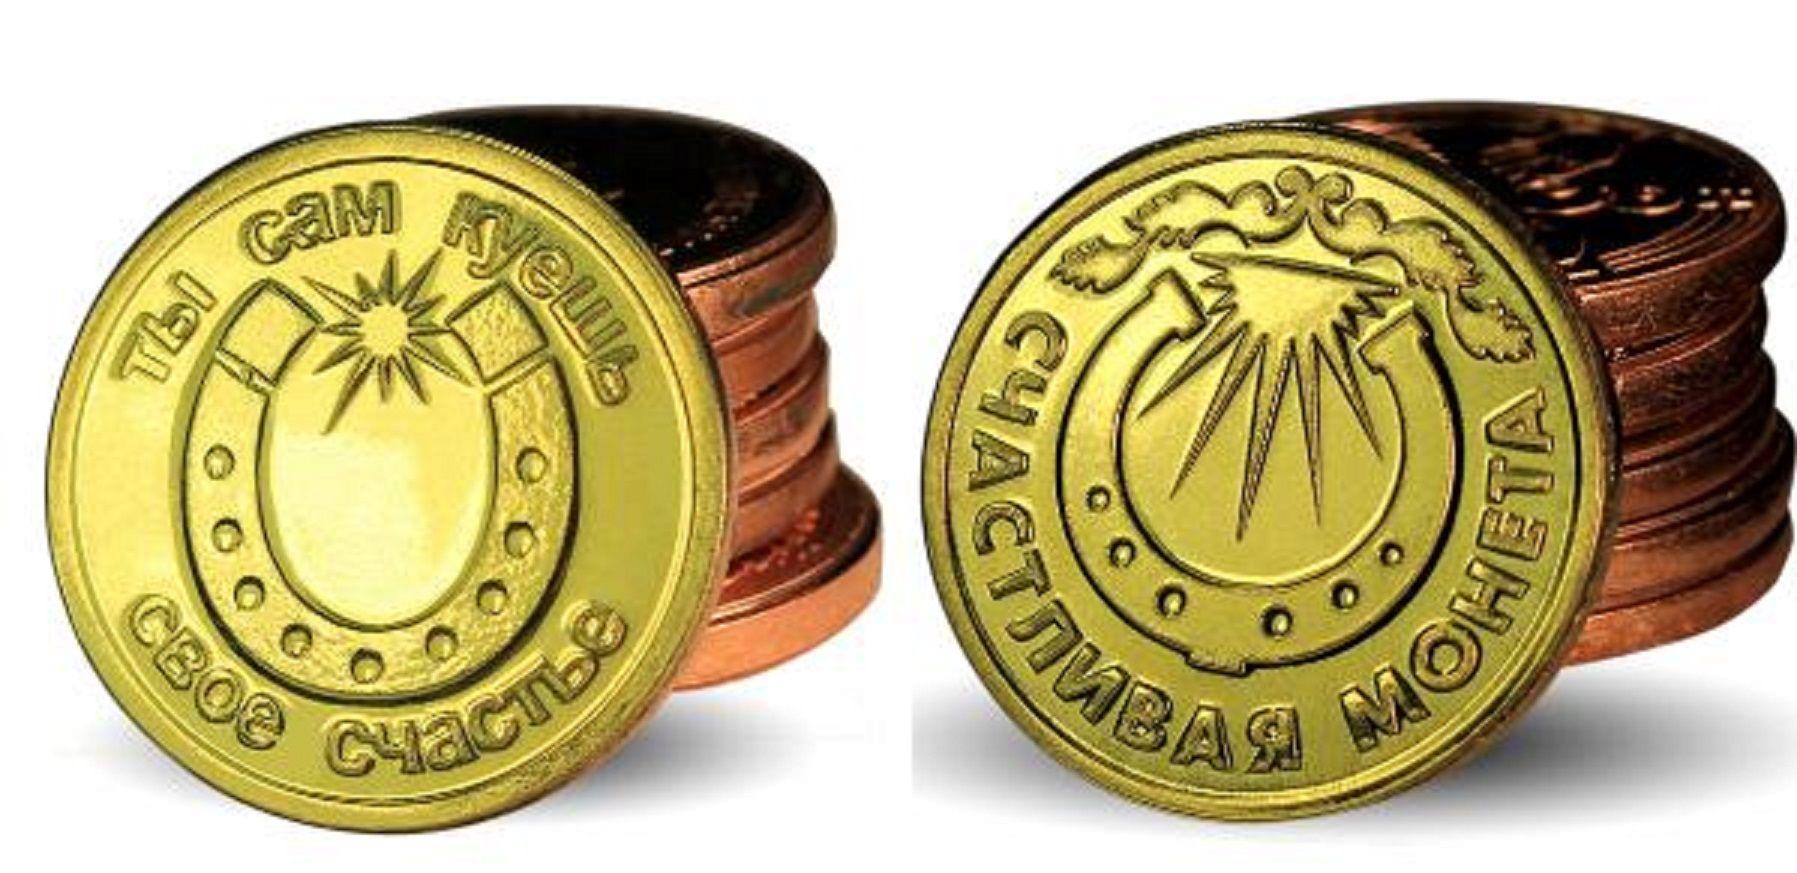 Монеты в подарок означает